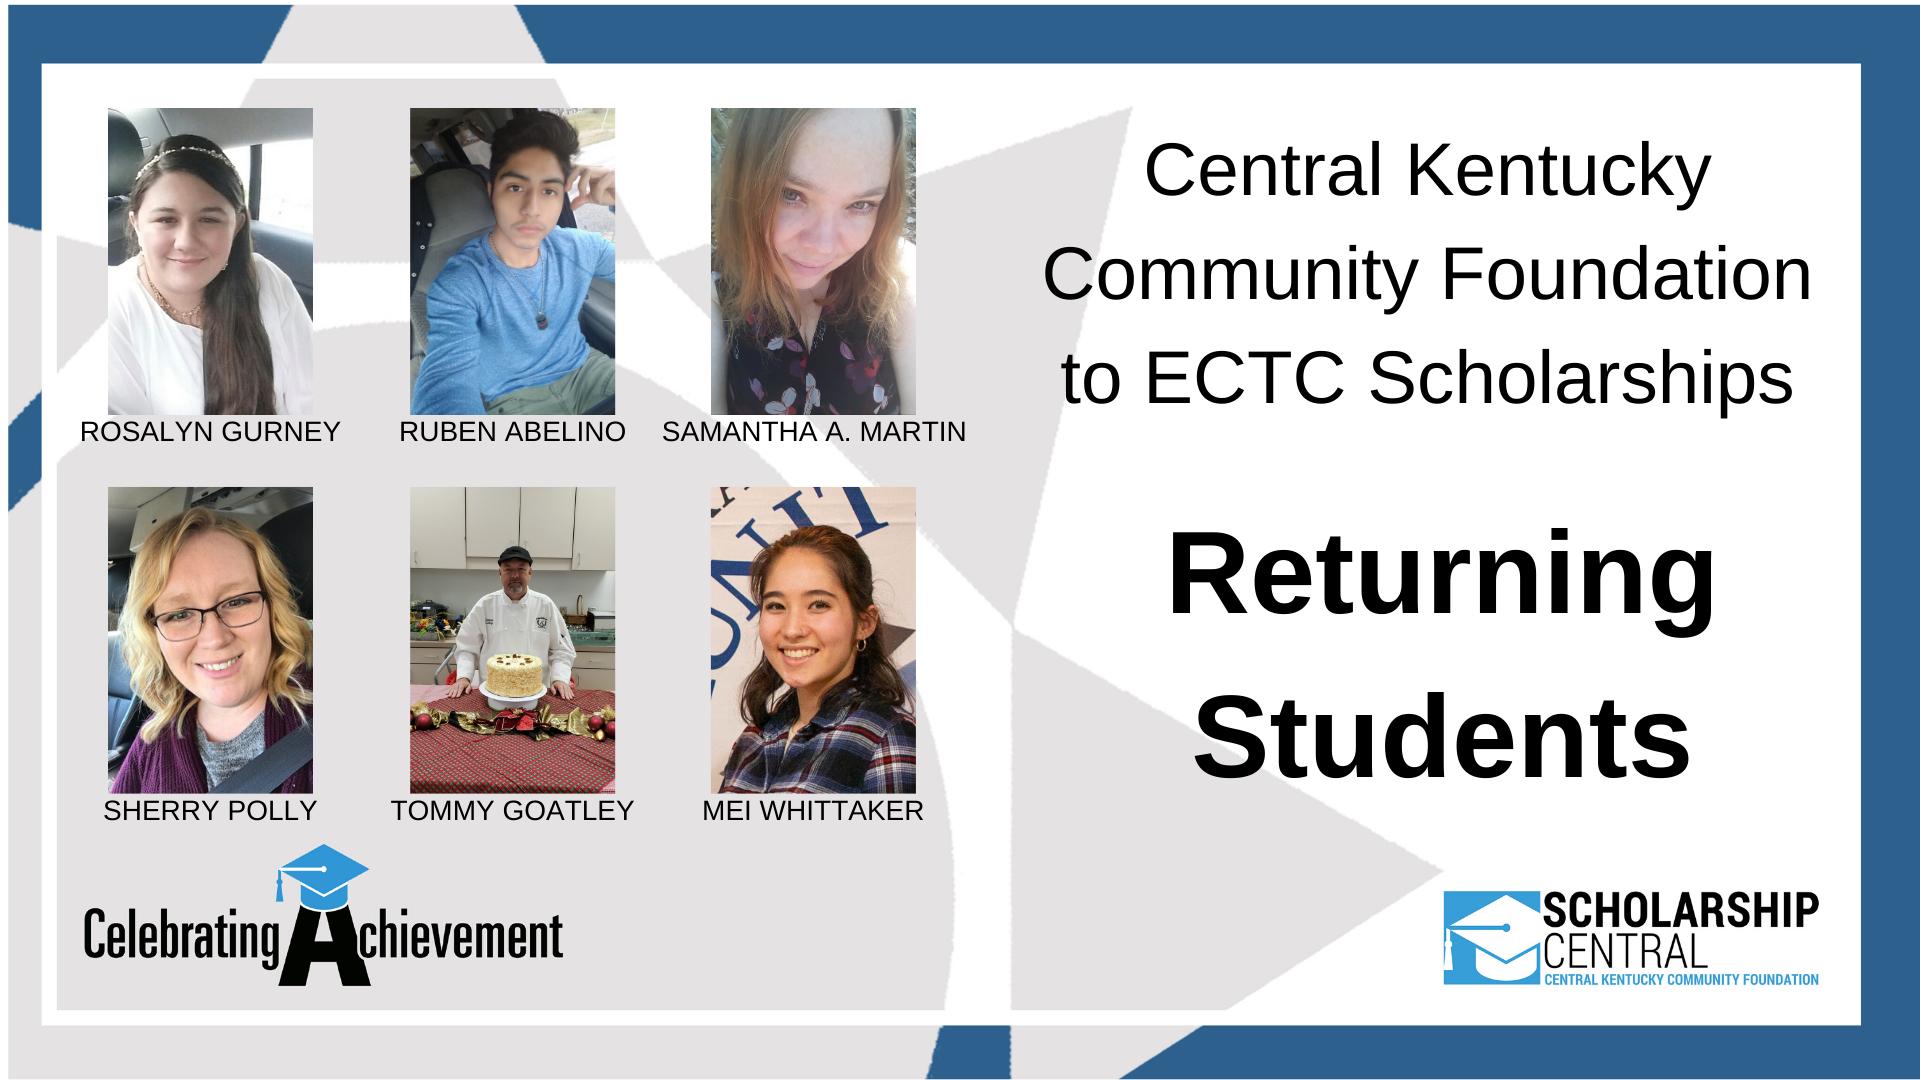 ECTC Returning Scholarship5 REVISED(1)